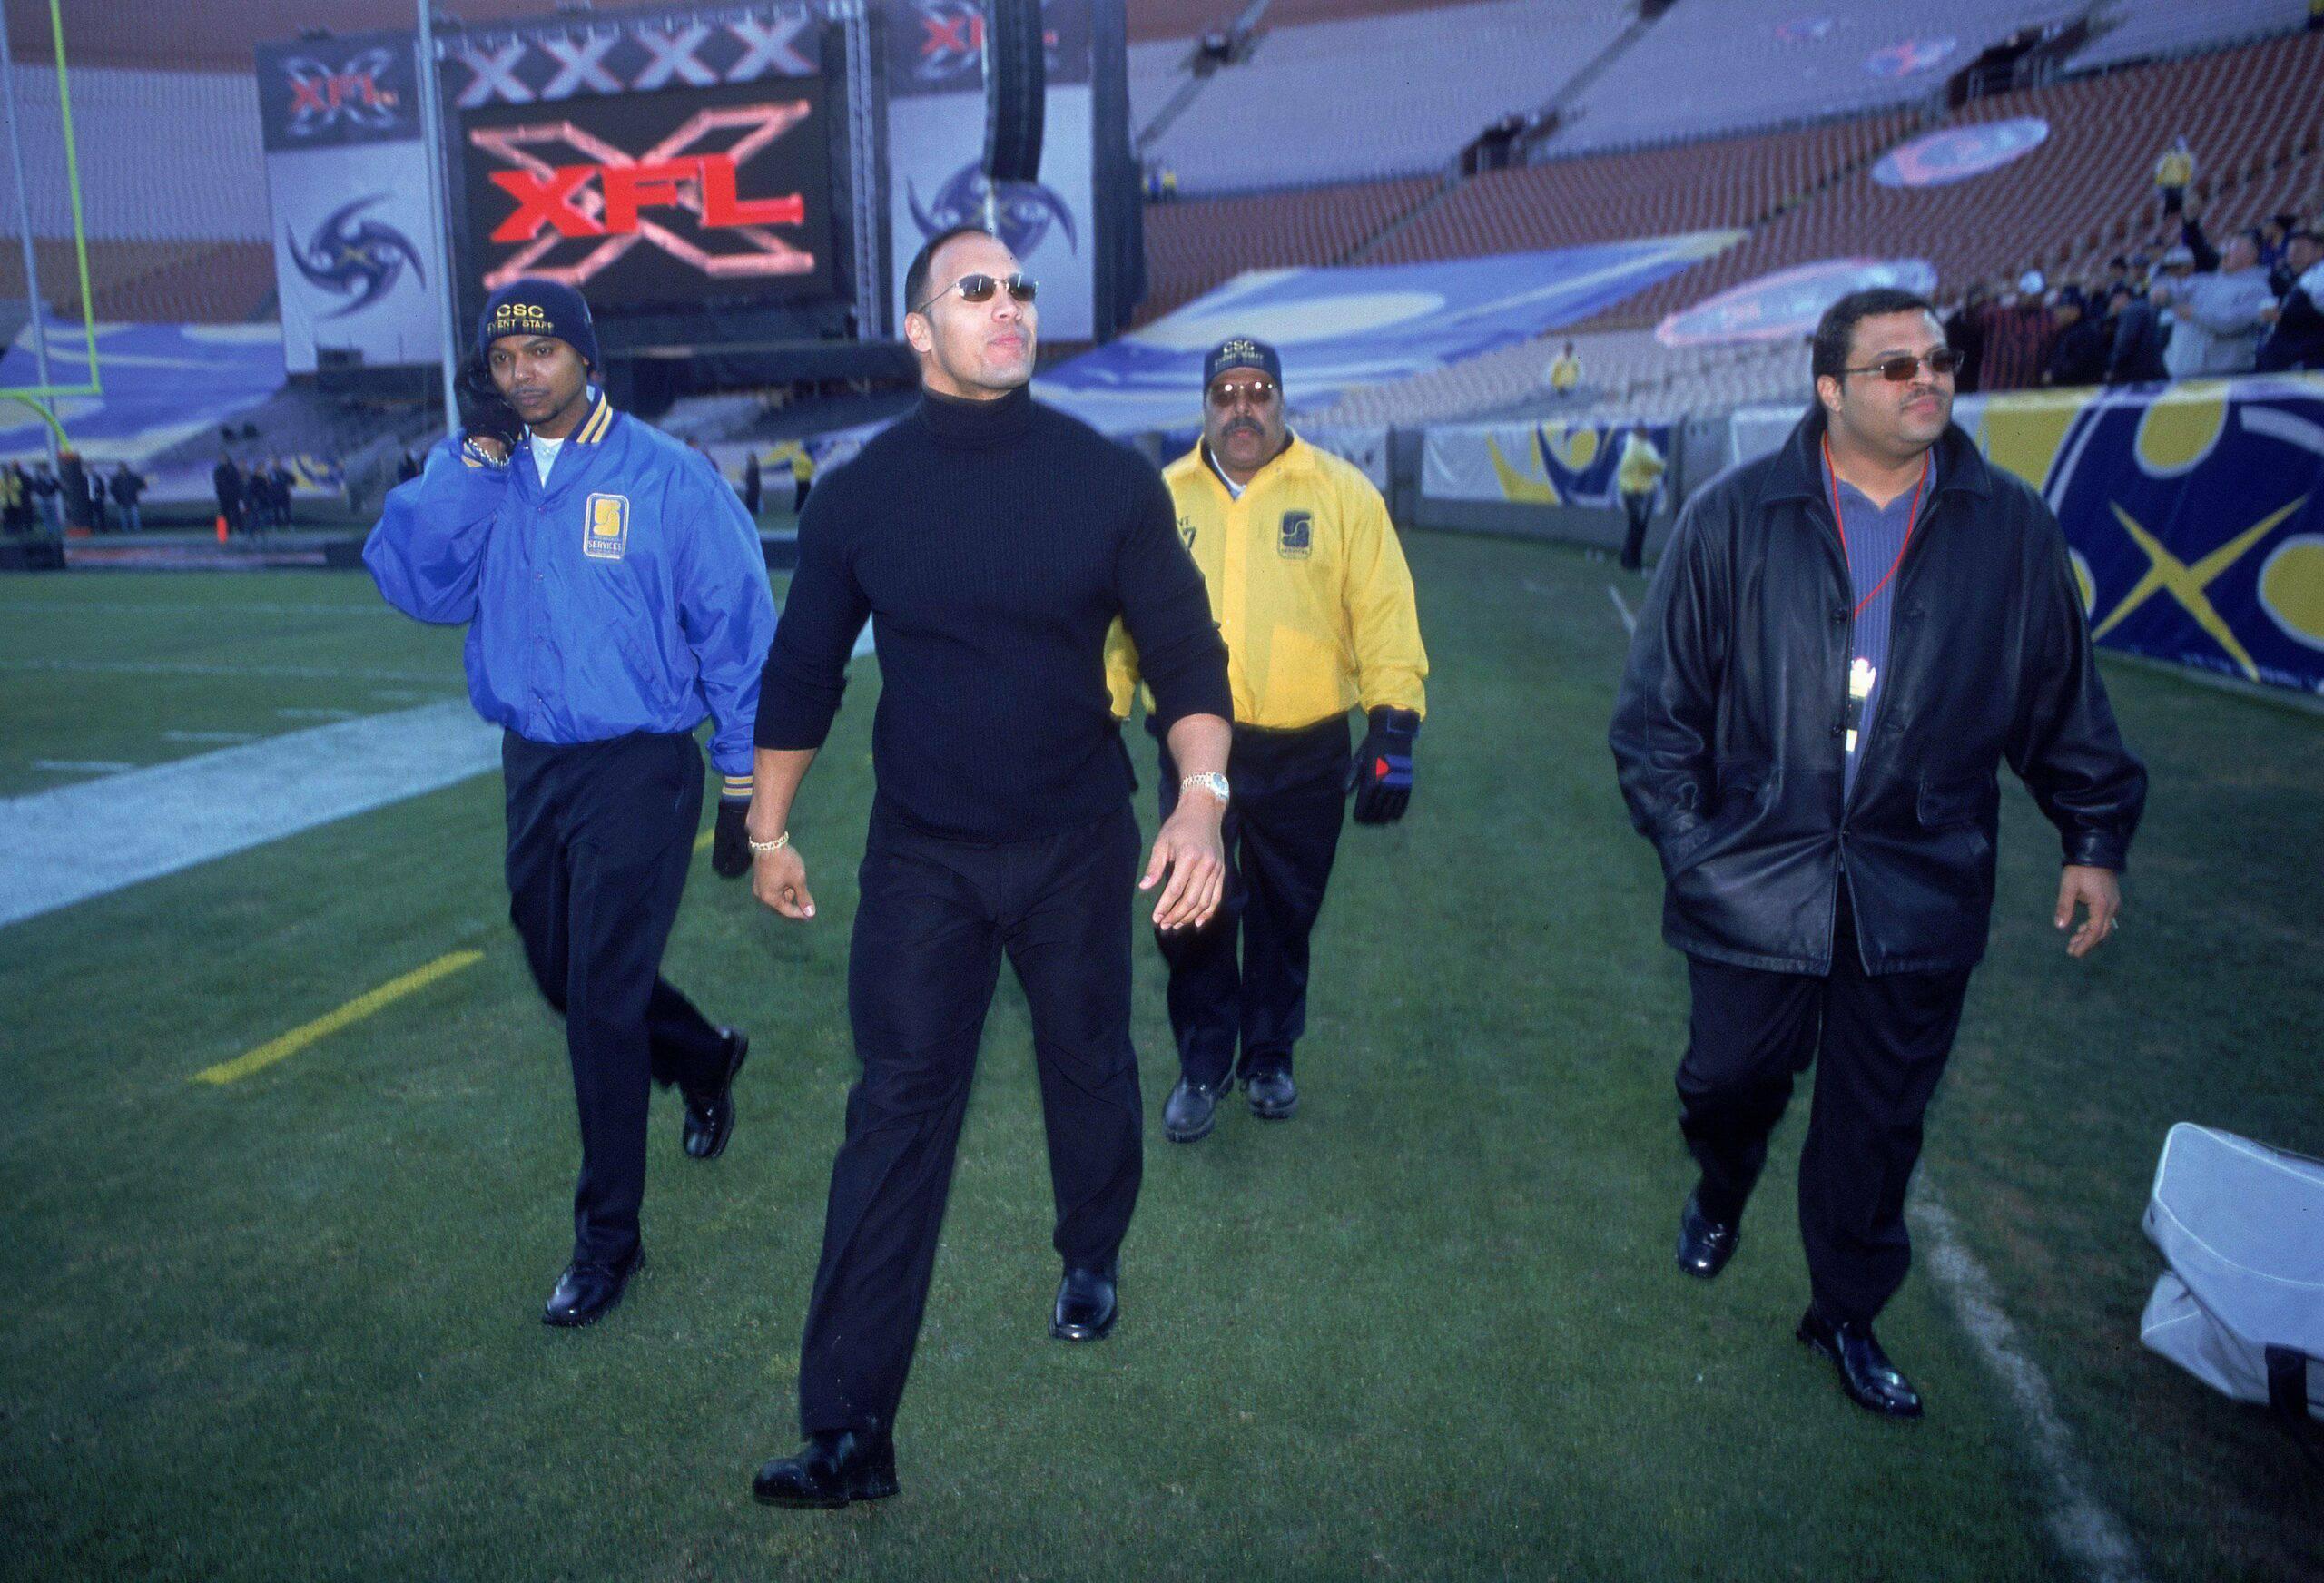 XFL from WWE & NBC